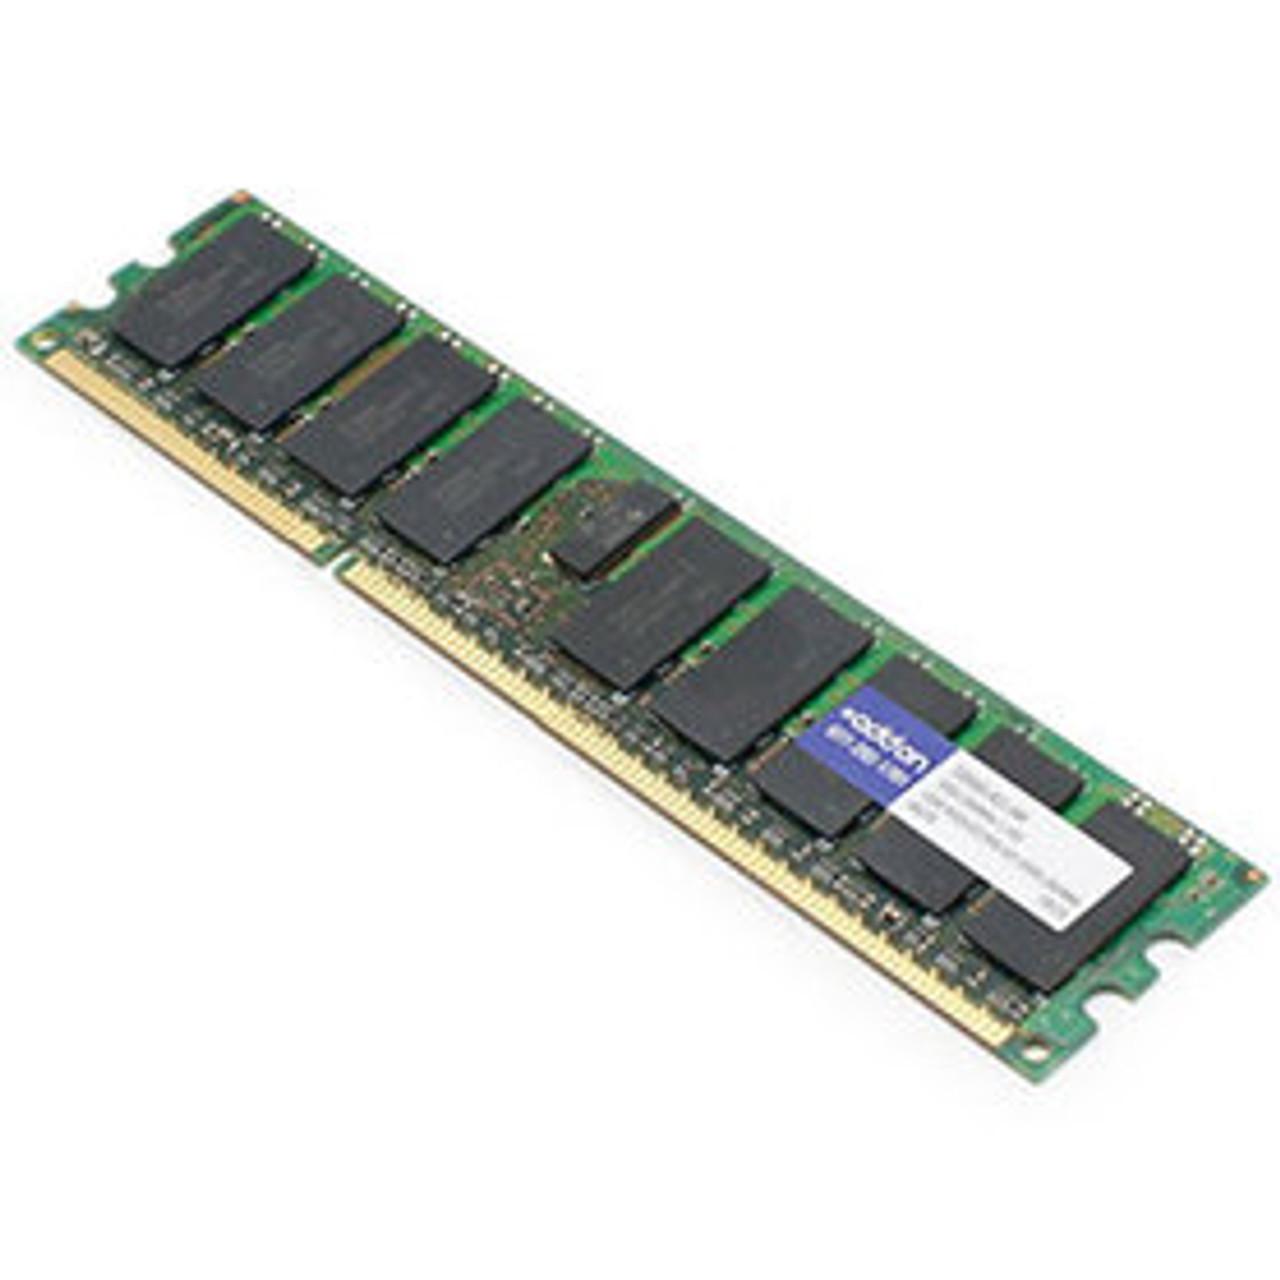 16GB PC3-10600R FOR HP PROLIANT BL2x220c BL460c G6 G7 REG DDR3 MEMORY 4X4GB